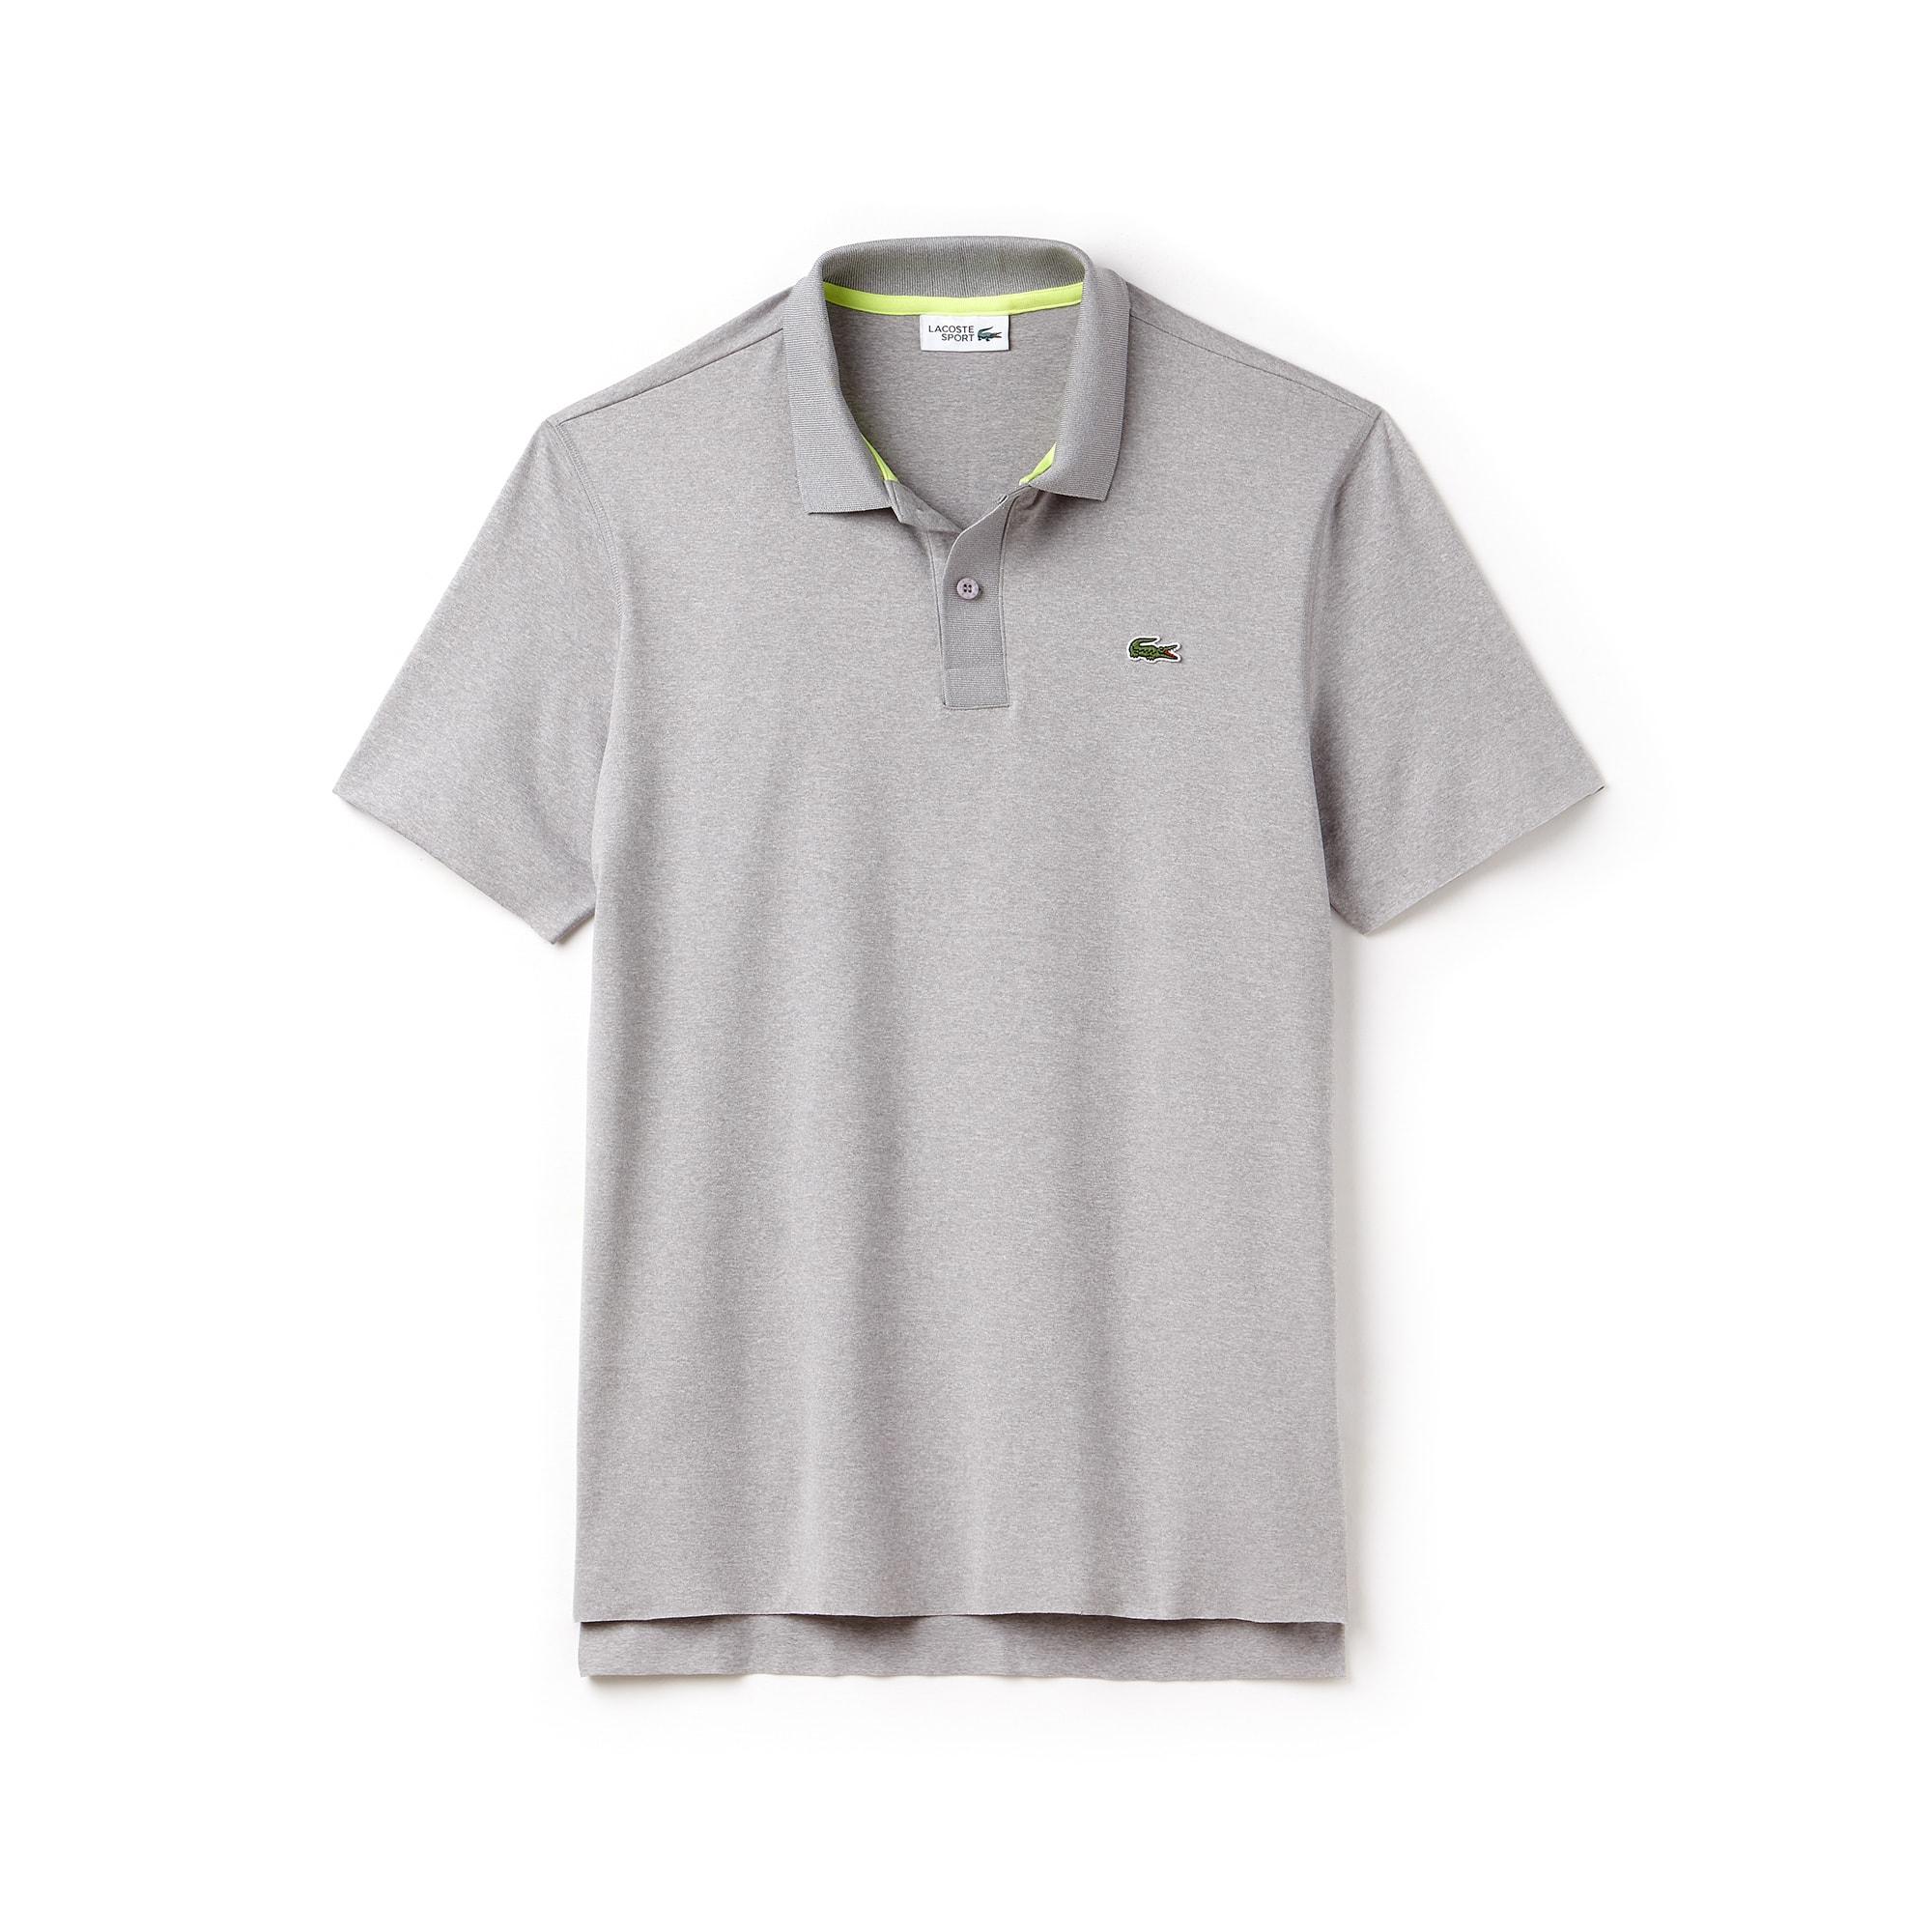 Herren LACOSTE SPORT meliertes Stretch-Tennis Poloshirt